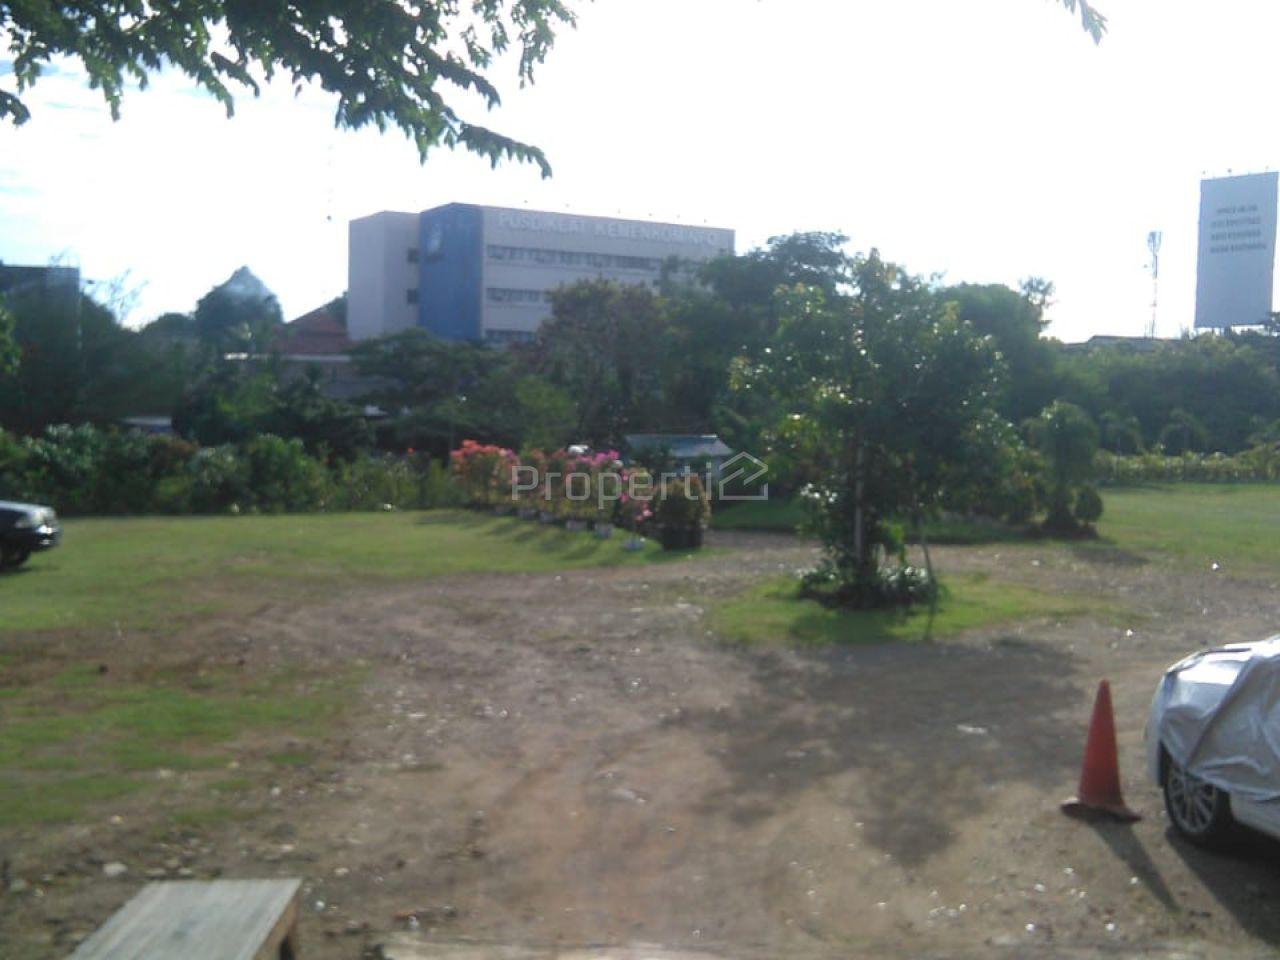 Lahan Komersial di Jalan Panjang Kebon Jeruk, DKI Jakarta